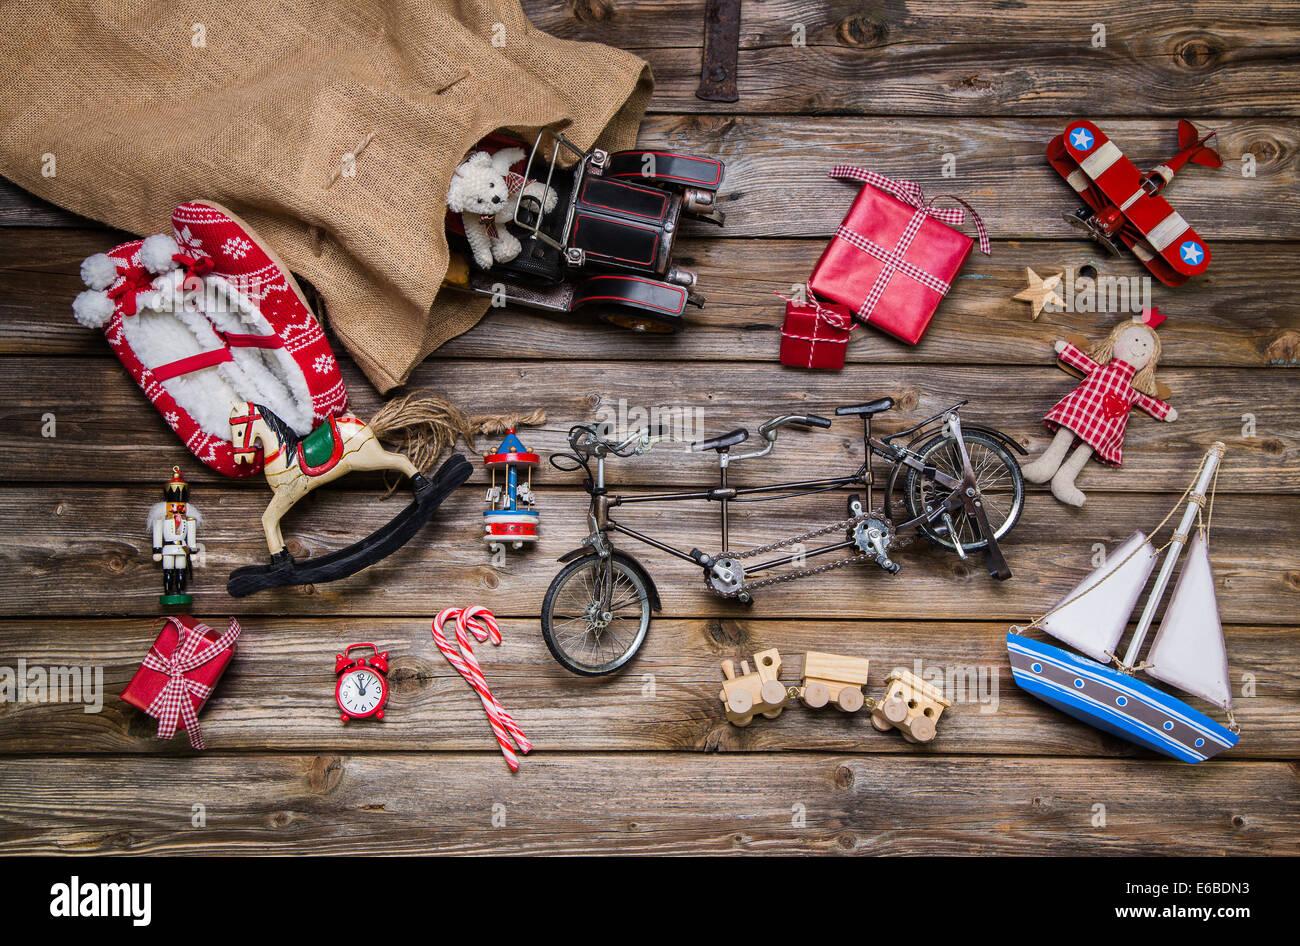 Decorazioni In Legno Per Bambini : In legno antico e giocattoli per bambini natale decorazione in